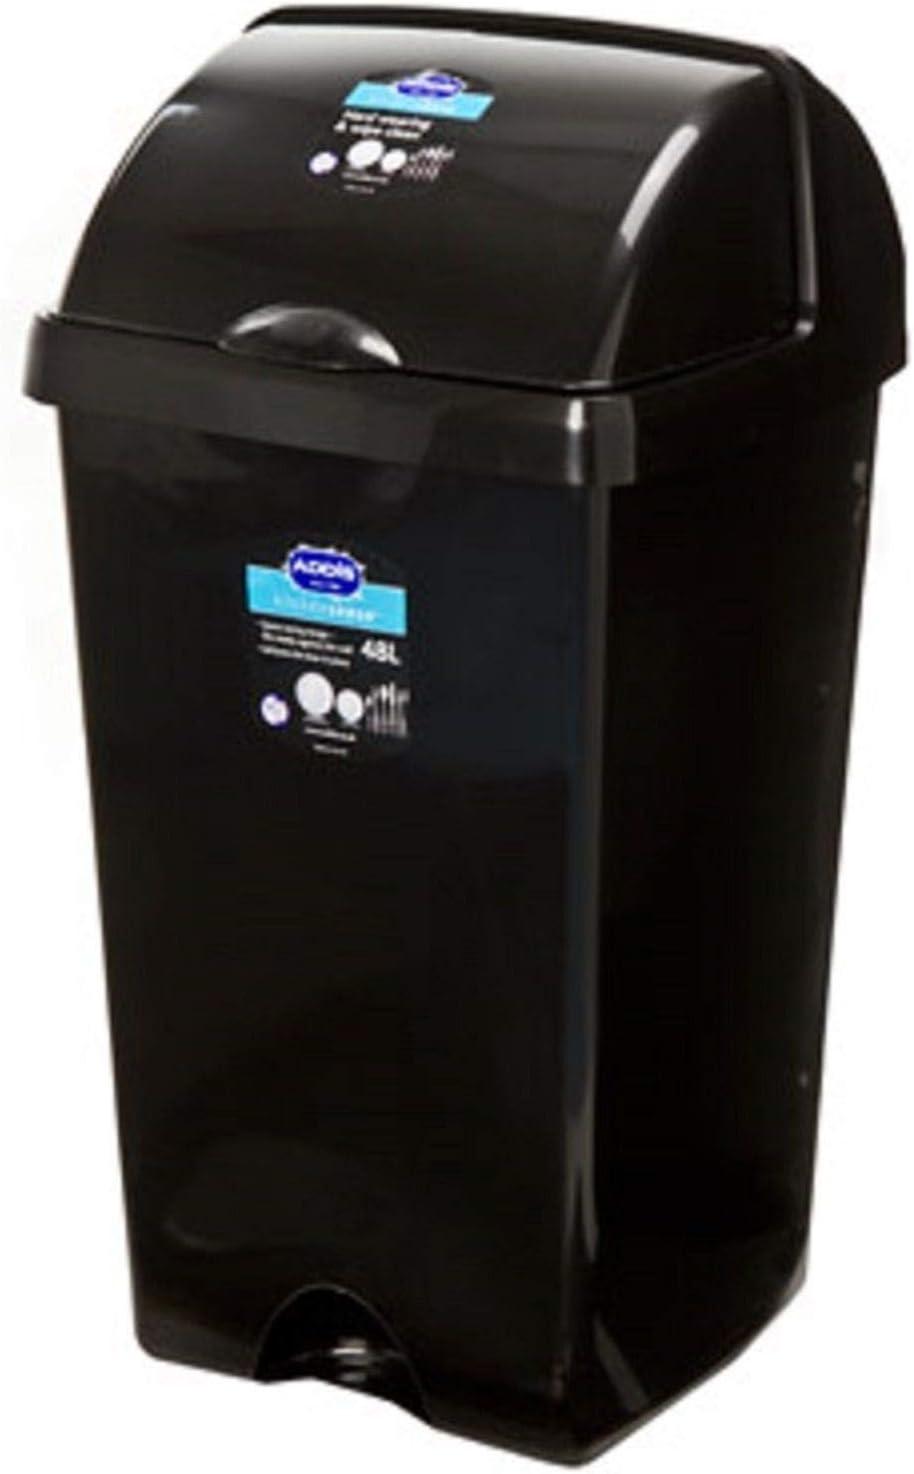 di/ámetro de la altura de 455 mm x 505 mm 50 litros blanco Industrial de calidad alimentaria de los residuos de cocina redonda papelera de pl/ástico con tapa 5 de alto rango de temperatura de blanco Industrial de la fuerza de peso pesado